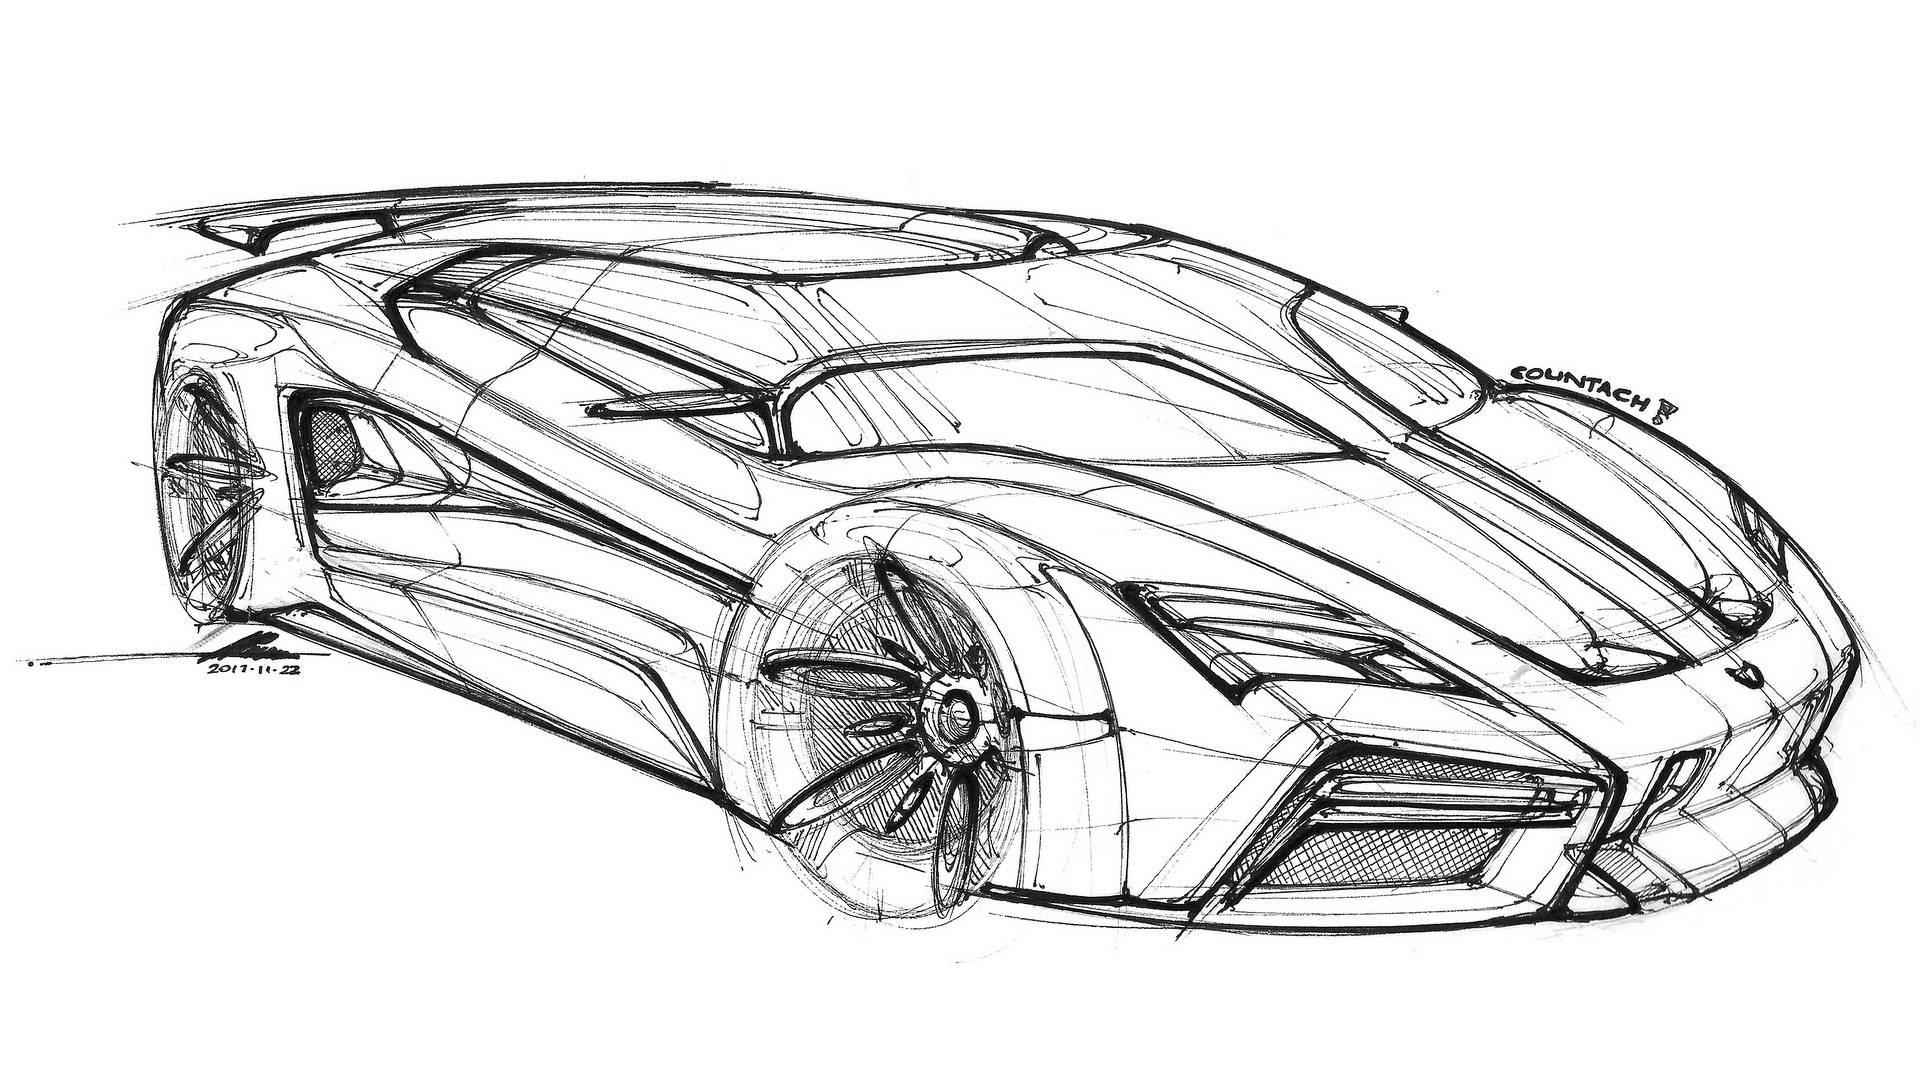 Lamborghini Countach Render Gives The Supercar A Virtual